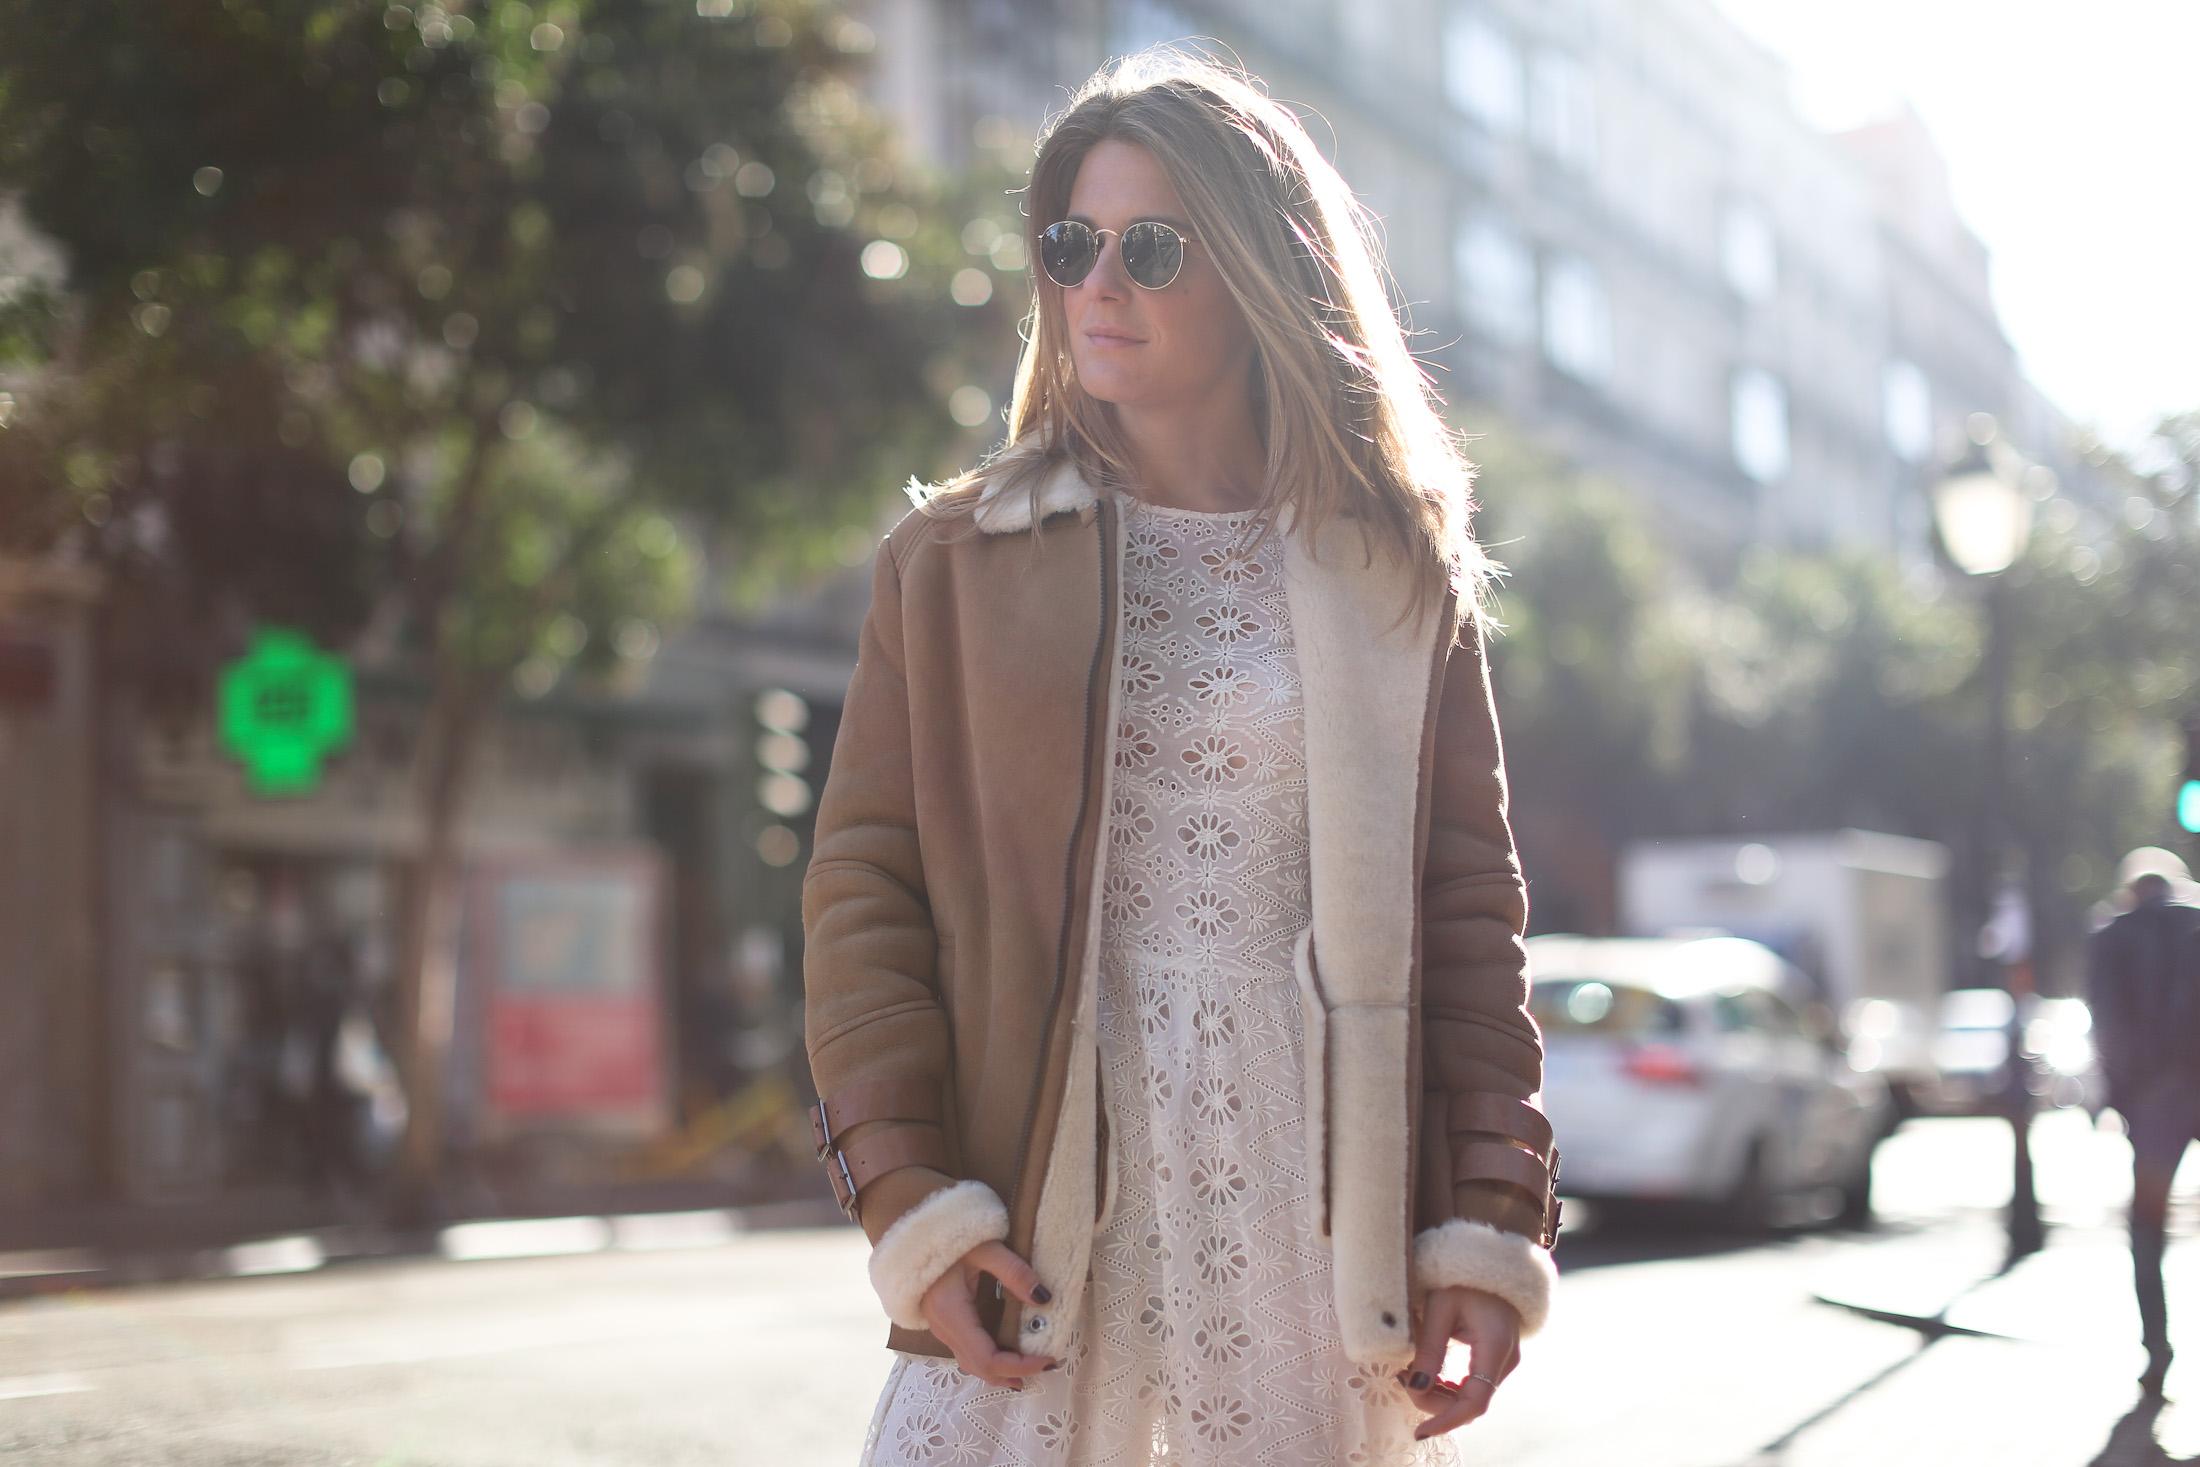 Clochet_streetstyle_mango_shearling_aviator_coat_adidas_samba_leztinstreet-12